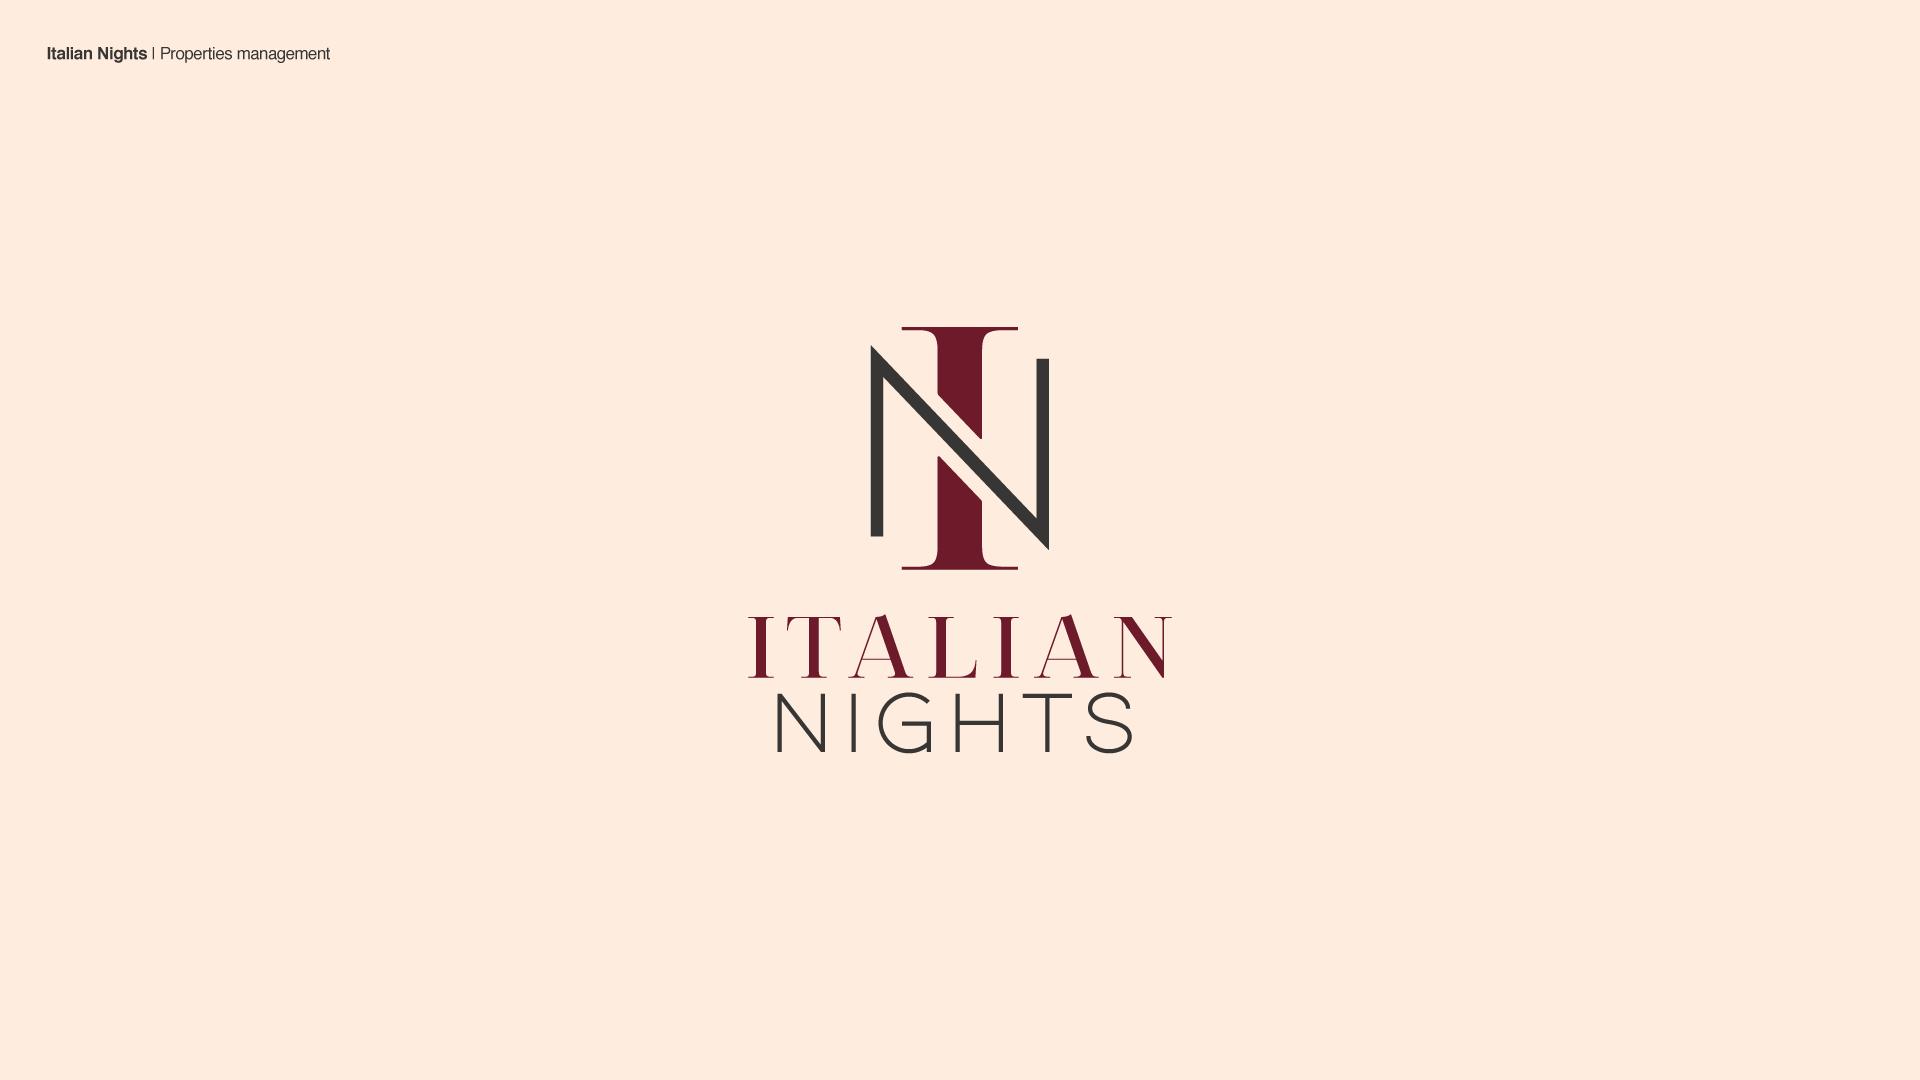 italiannights